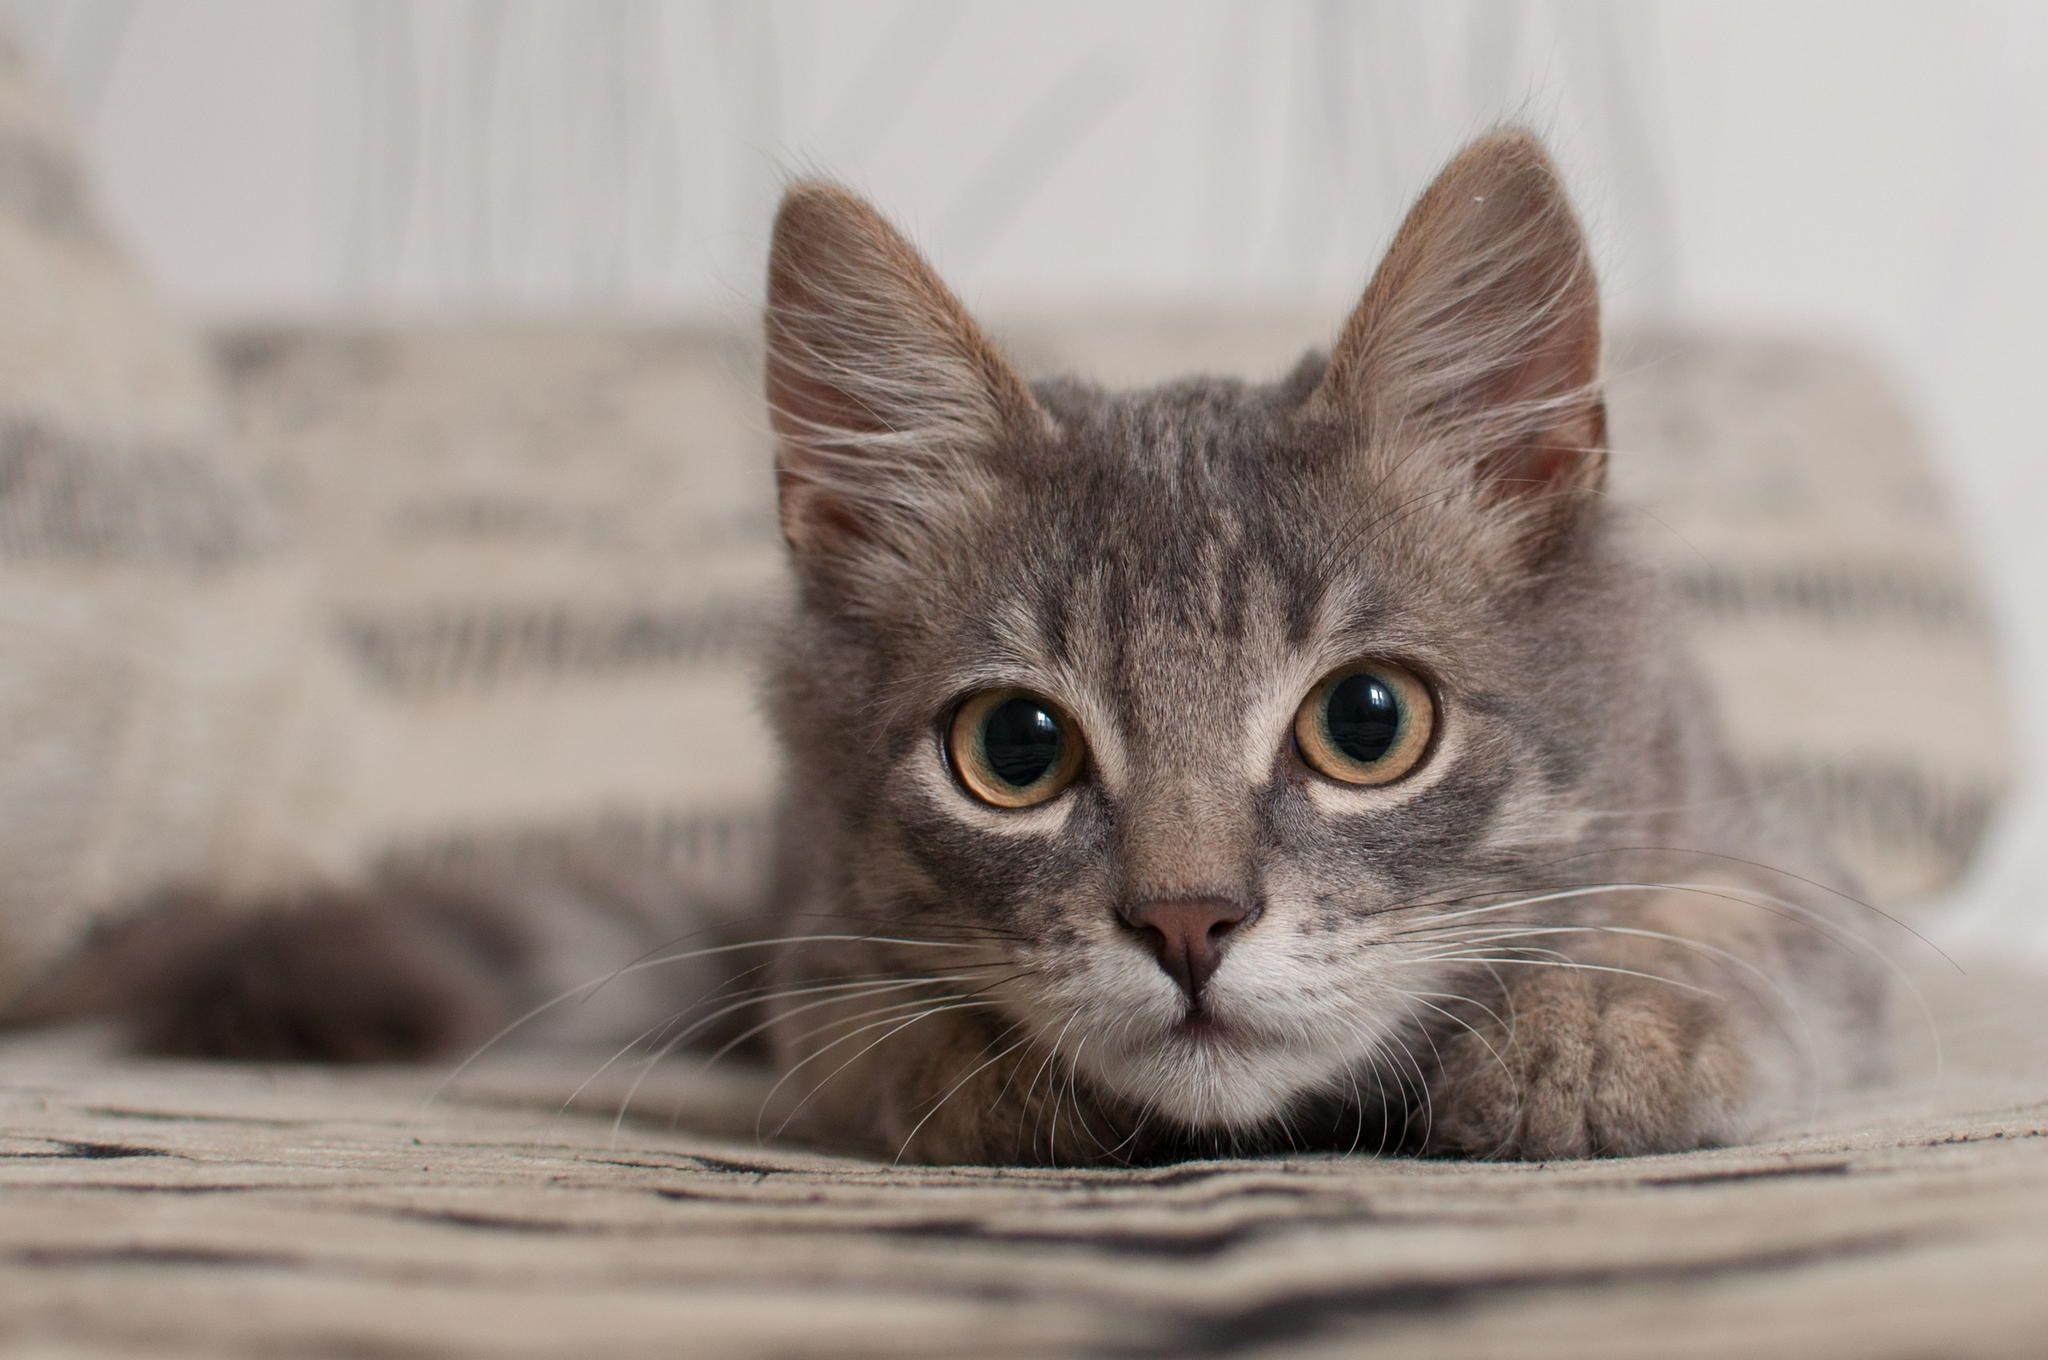 Felix the cat by Yuri Pozdnyakov on 500px